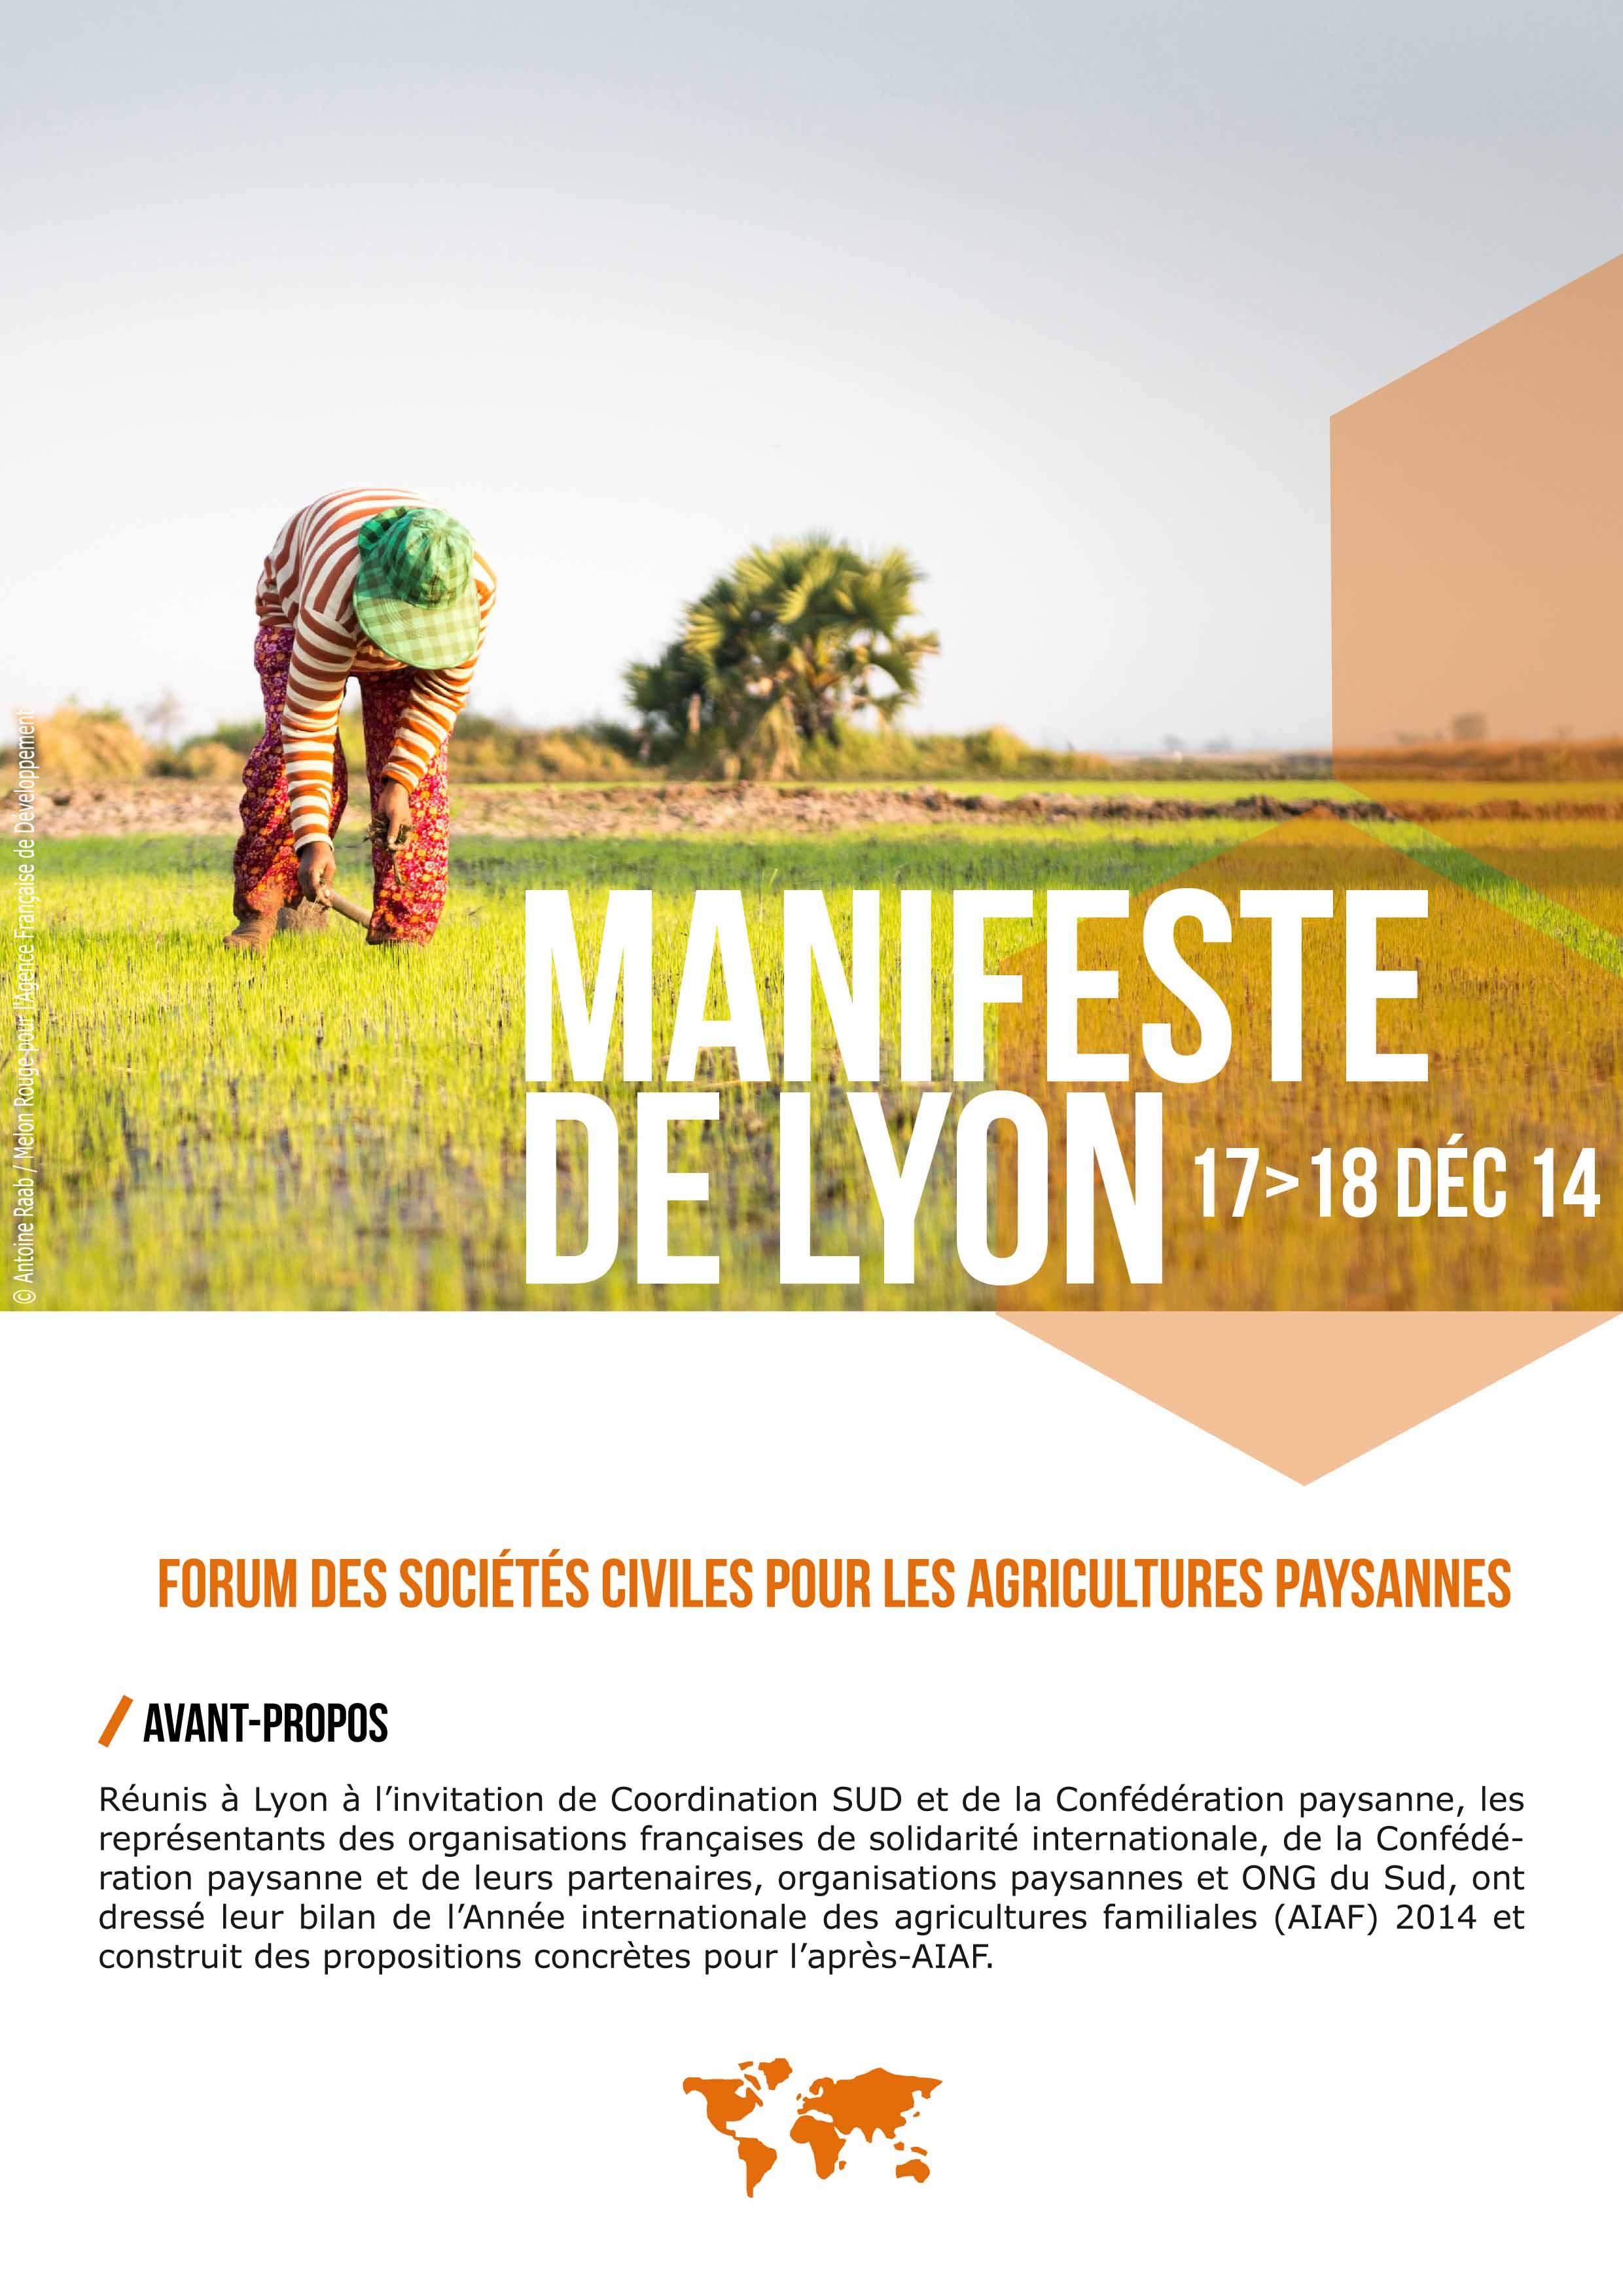 Manifeste de Lyon : Forum des Sociétés Civiles pour les Agricultures Paysannes Image principale